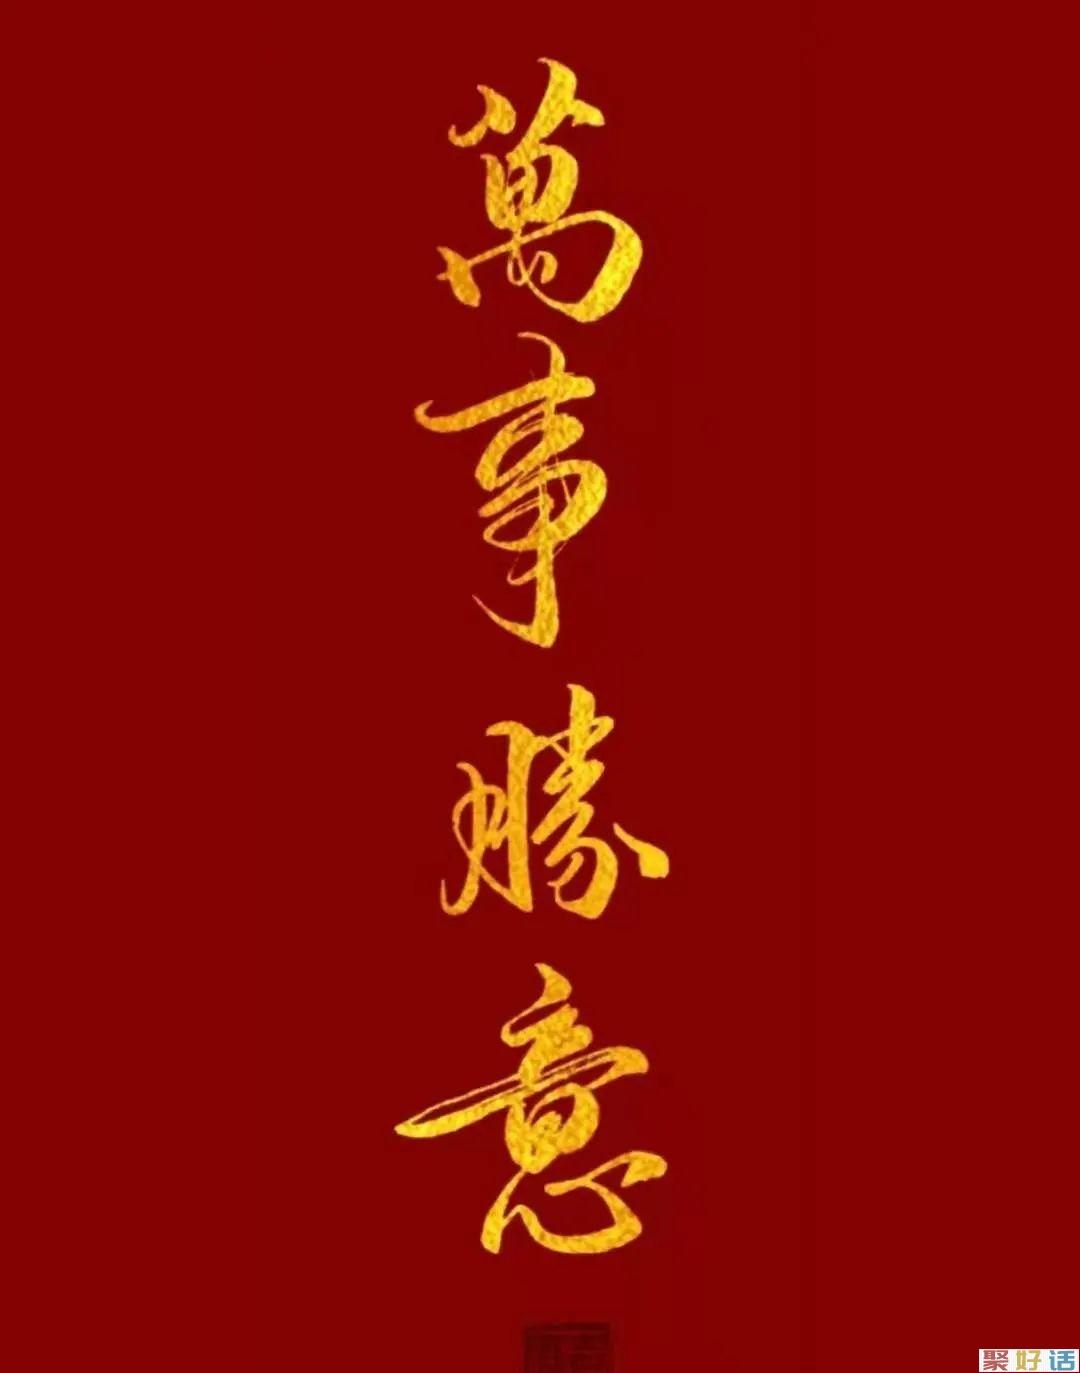 春节文案丨 要和心爱的人一起过年哦插图4